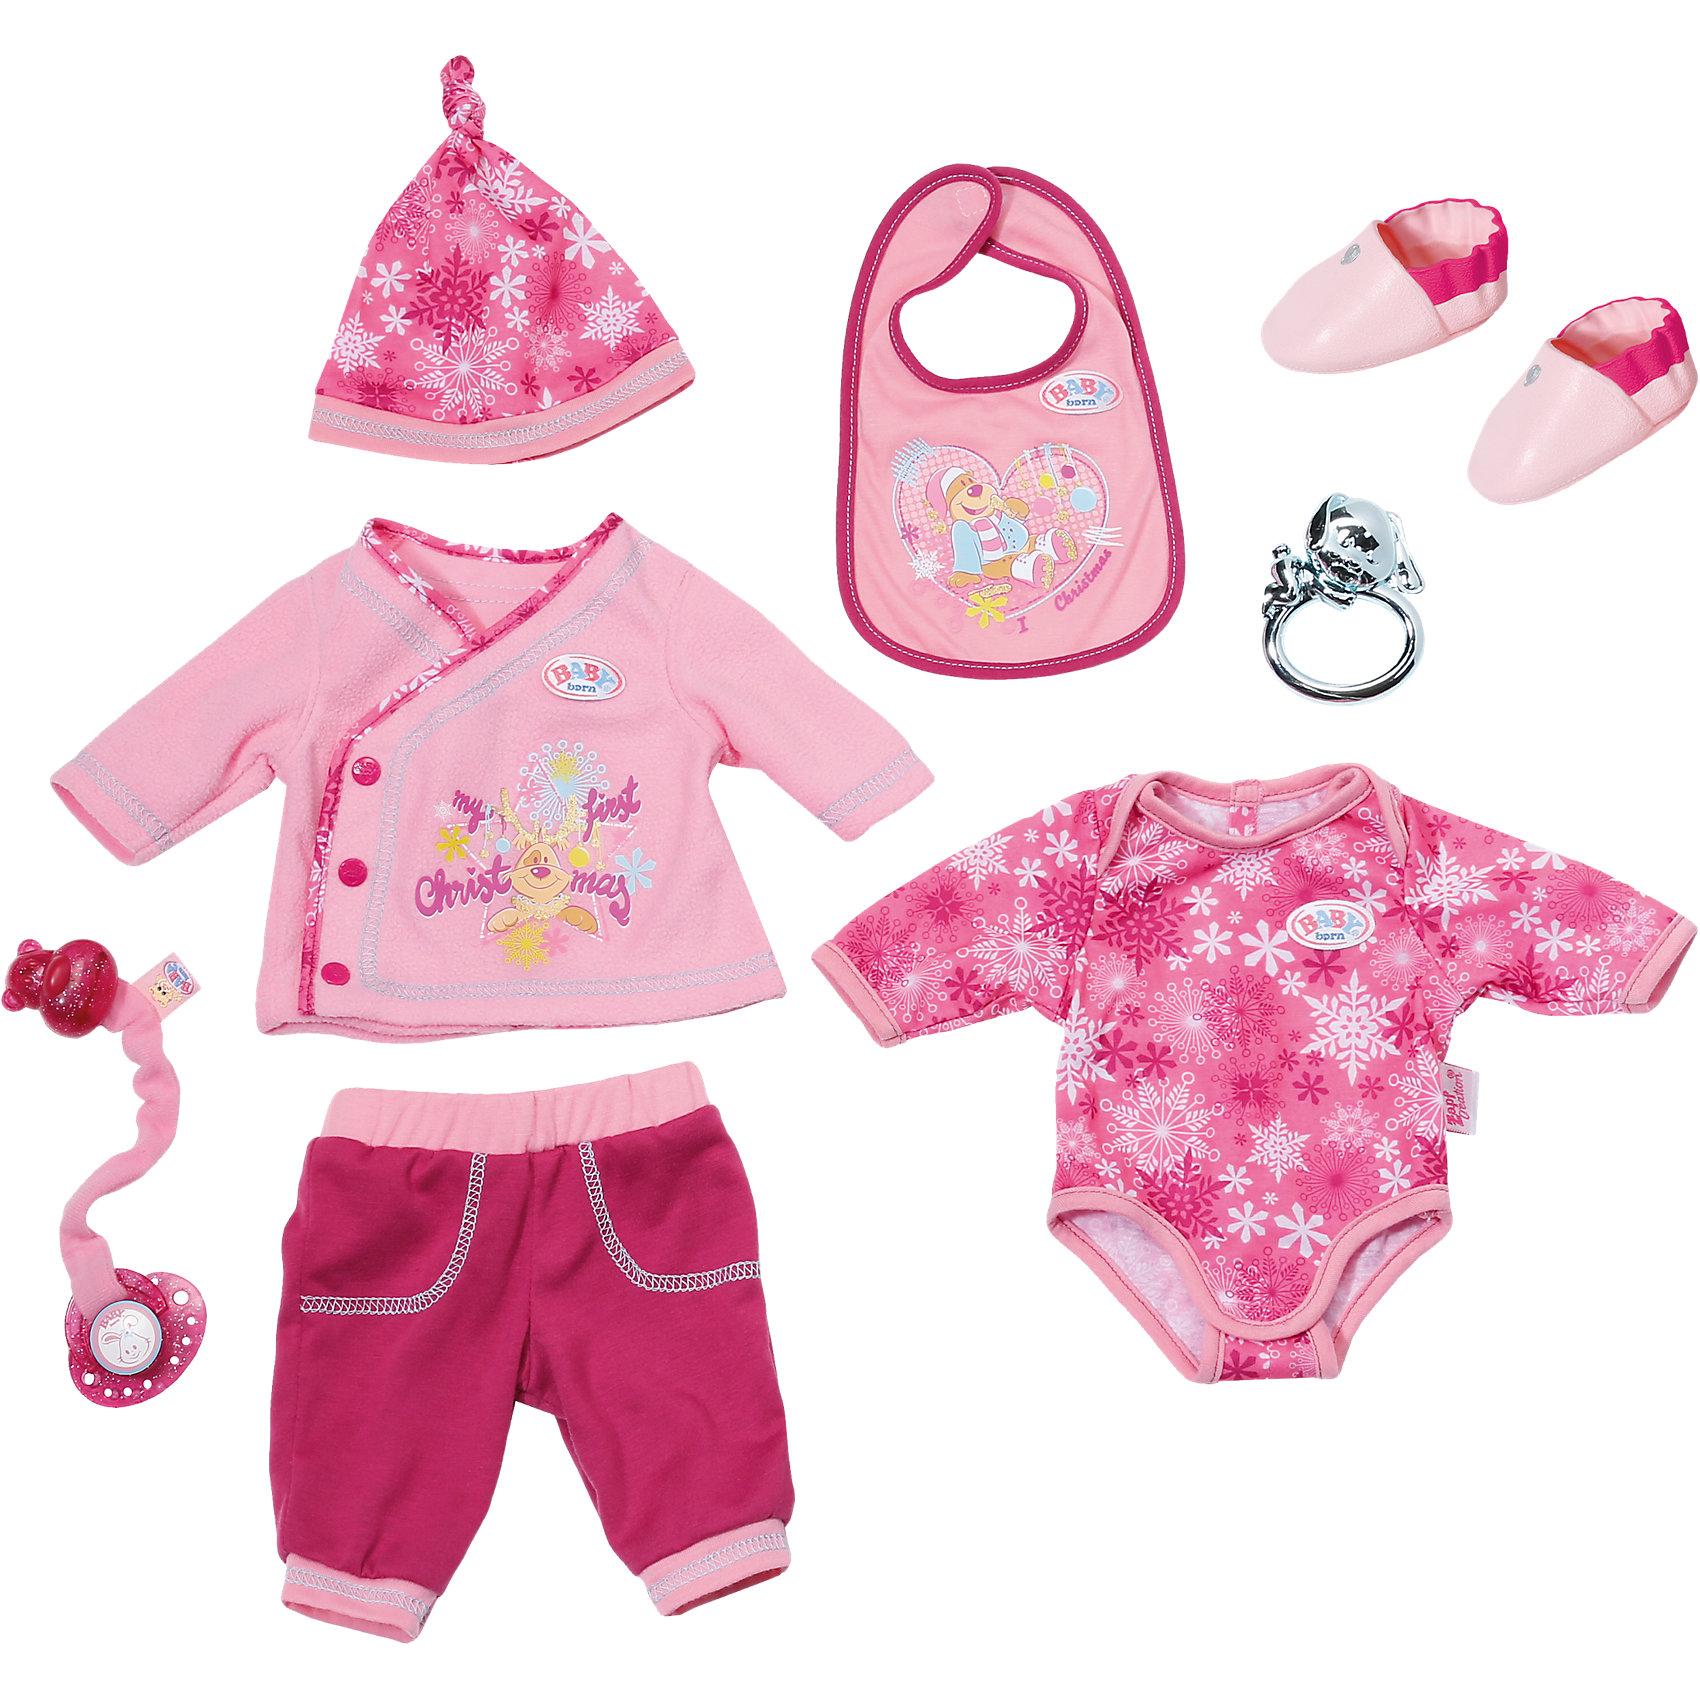 Одежда для куклы Готовимся к зиме, BABY born®Одежда для куклы Готовимся к зиме, BABY born®<br><br>Характеристики комплекта для кукол BABY born:<br><br>• одежда предназначена для куклы высотой 43 см;<br>• для пошива комплекта использовались качественные натуральные ткани;<br>• материал: 100% хлопок;<br>• каждый из предметов одежды снимается, для застежек используются резинки, липучки и кнопки;<br>• в наборе предусмотрено наличие 4-х предметов одежды, 1-й пары обуви и 3-х аксессуаров для куклы Беби Борн;<br>• размер упаковки: 23,5х7х30,5 см;<br>• вес упаковки: 525 г.<br><br>Ваша малышка сможет переодевать куколку BABY born, давать ей пустышку и подвязывать нагрудник. Мягкие ткани, безопасные застежки, яркие принты – новый комплект одежды для куклы понравится и «обладательнице» новенькой одежки, и ее «мамочке». <br><br>Одежду для куклы Готовимся к зиме, BABY born® можно купить в нашем интернет-магазине.<br><br>Ширина мм: 309<br>Глубина мм: 233<br>Высота мм: 73<br>Вес г: 304<br>Возраст от месяцев: 36<br>Возраст до месяцев: 60<br>Пол: Женский<br>Возраст: Детский<br>SKU: 4674542